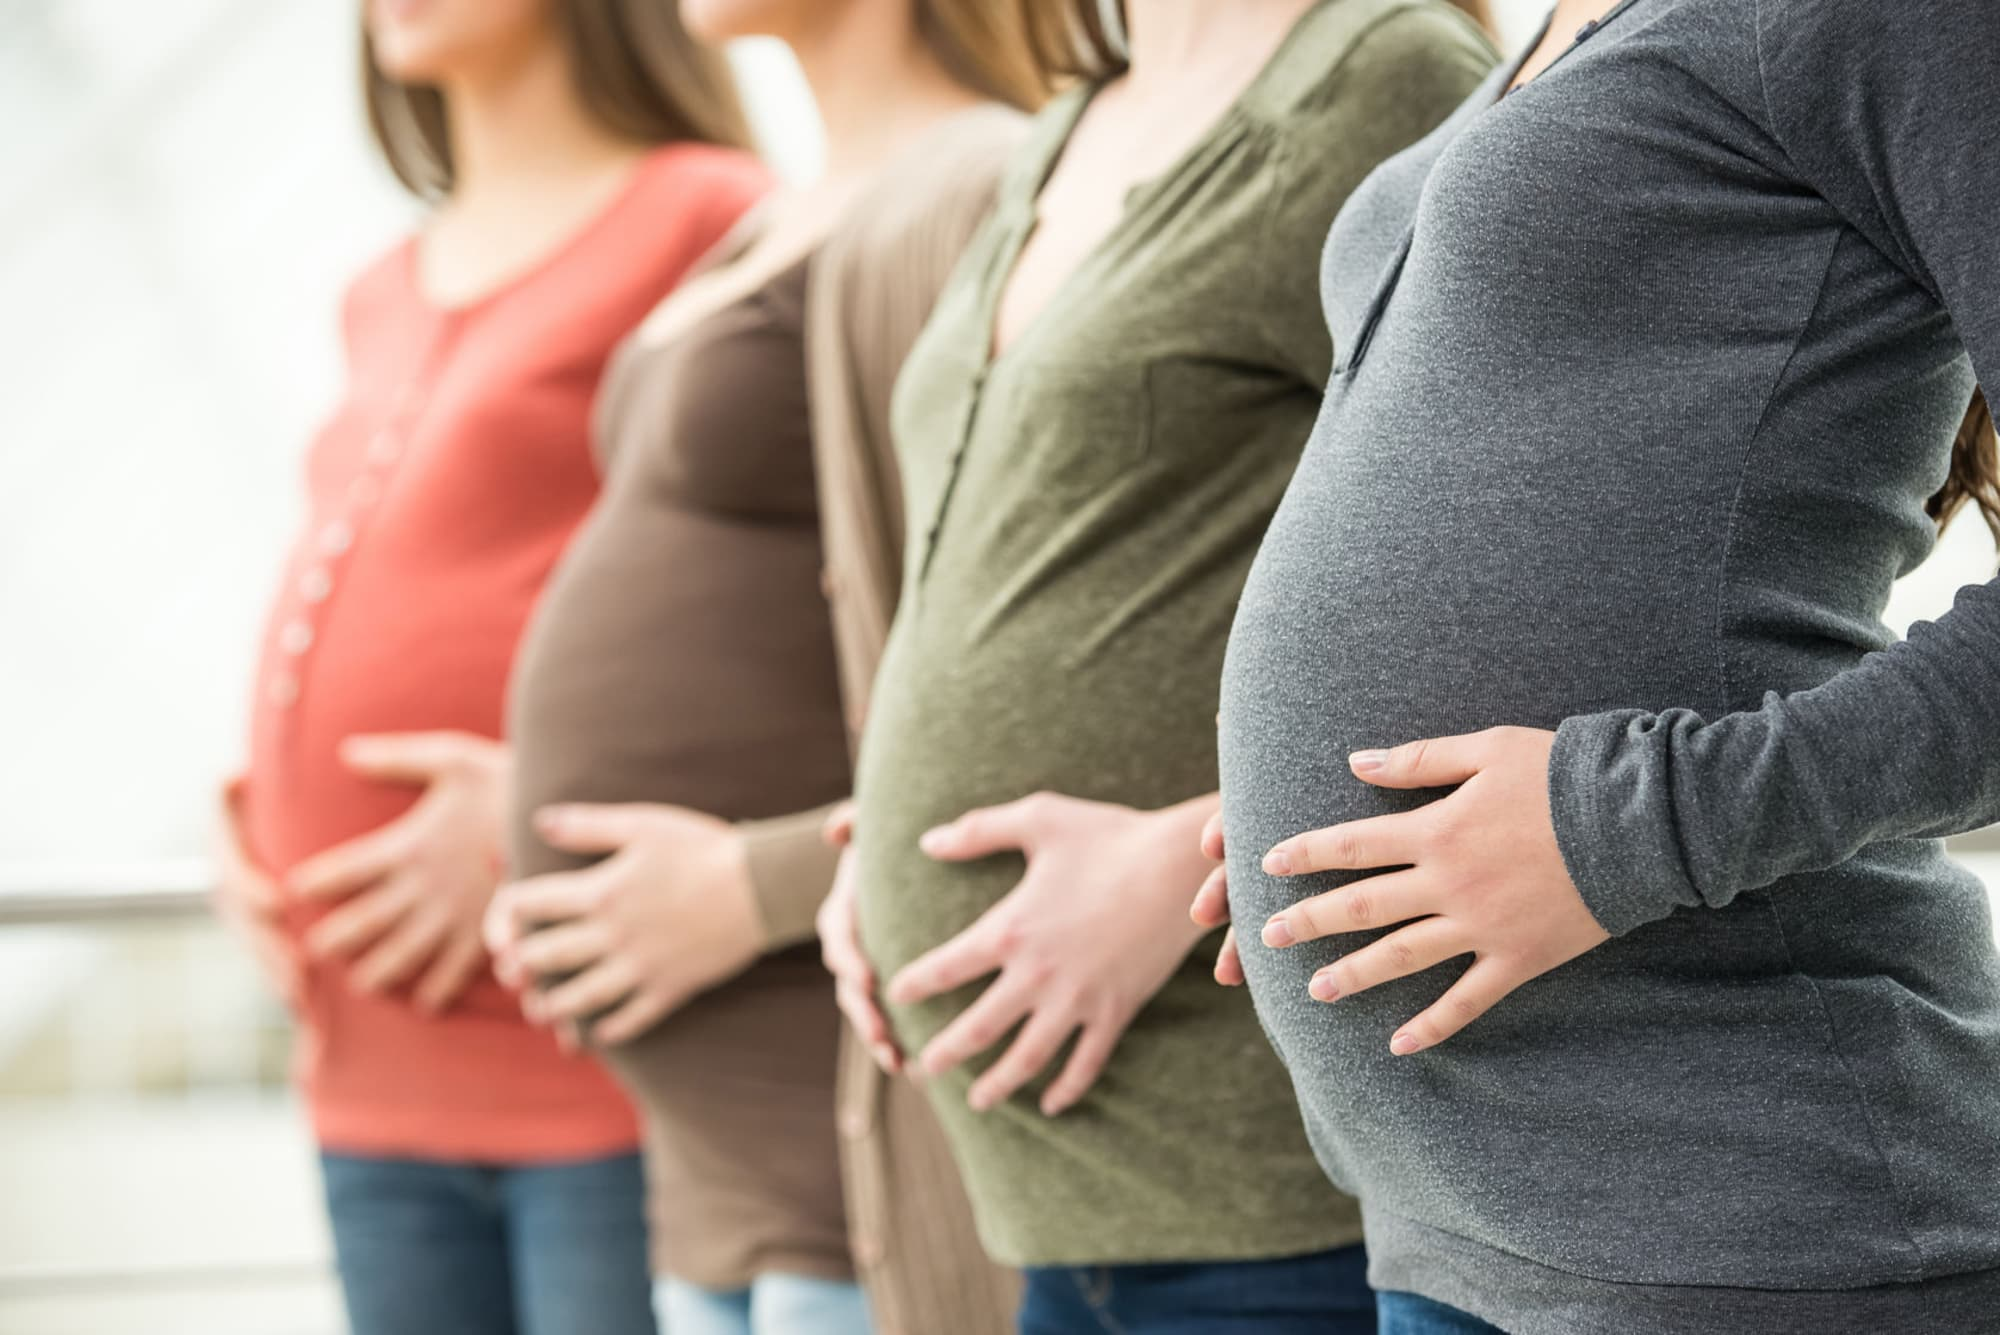 Чтобы избежать преждевременных родов, нужно успокоить иммунитет